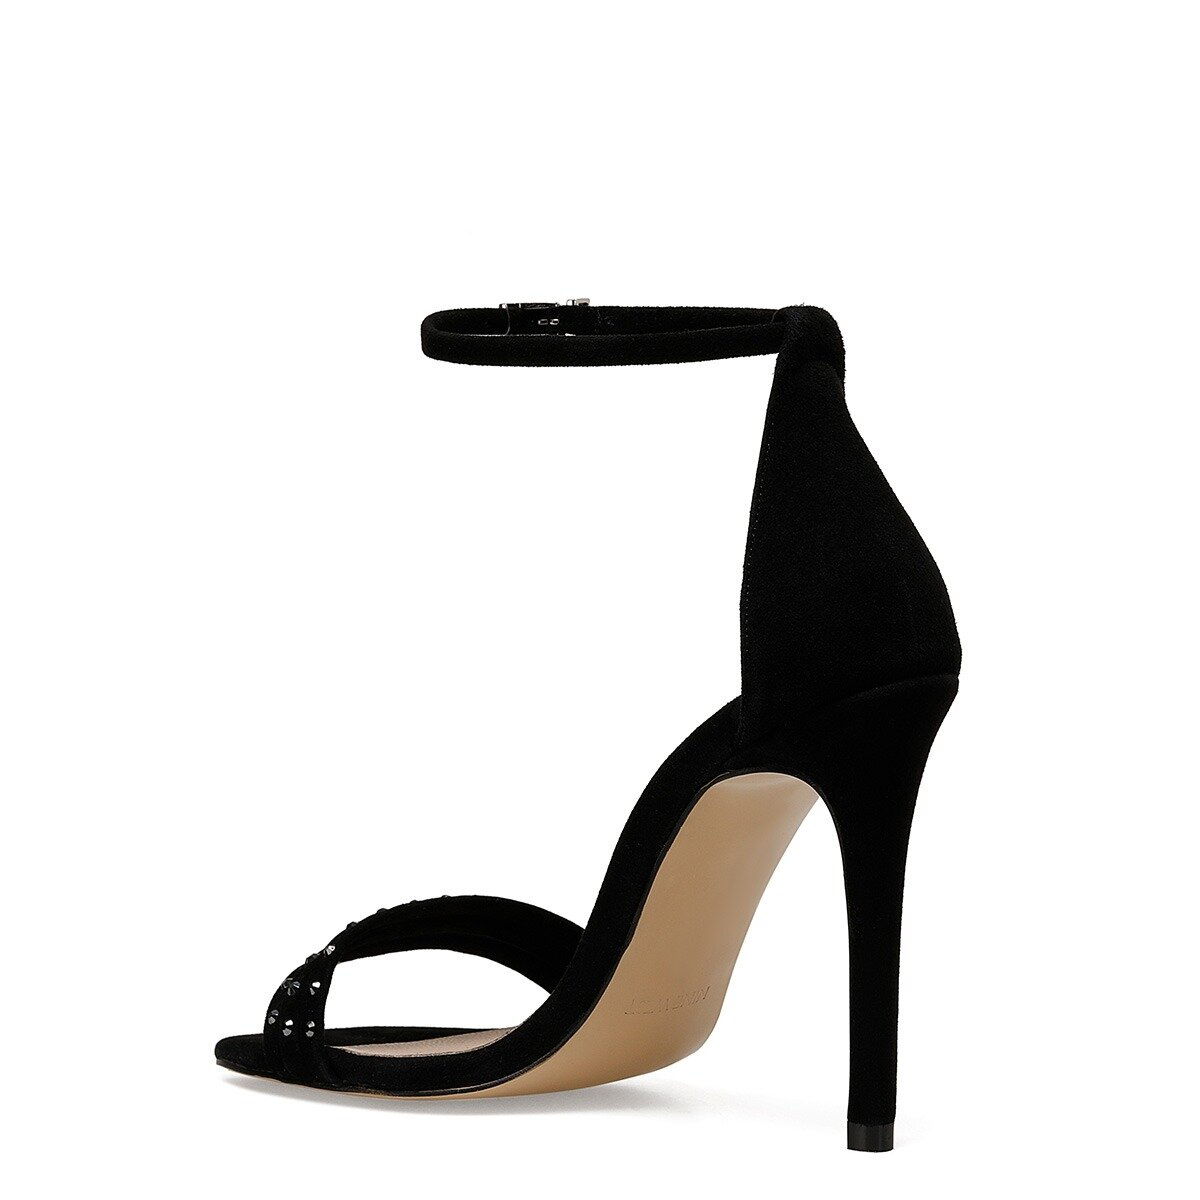 MYBELO Siyah Kadın Topuklu Ayakkabı